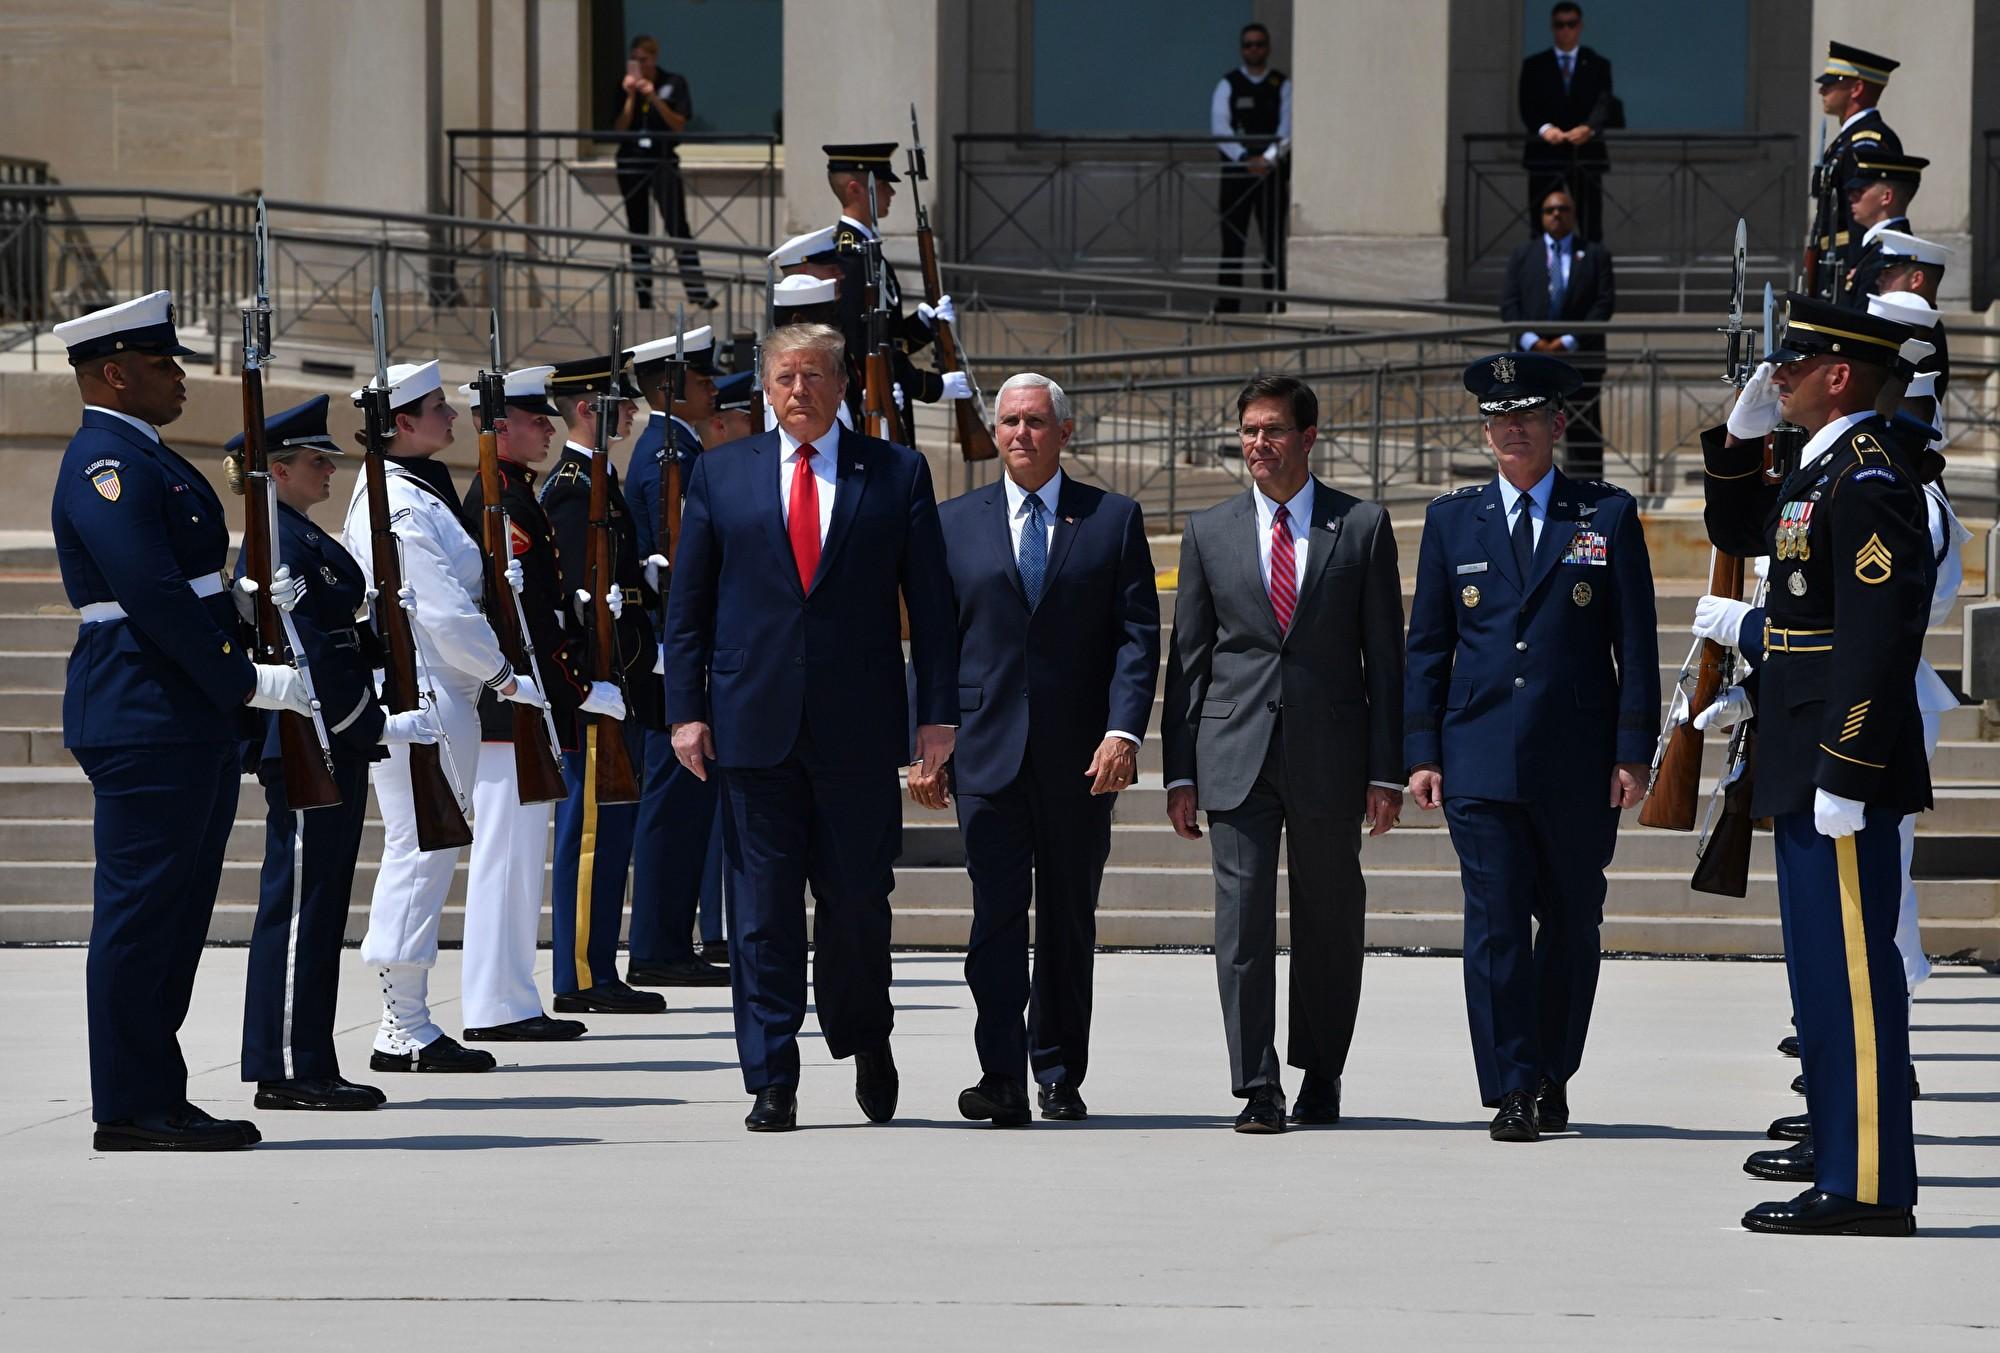 美國防部長埃斯珀(Mark Esper)(橫排右二)8月21日表示,中共全方位盜竊知識產權,五角大樓密切關注。(NICHOLAS KAMM/AFP/Getty Images)